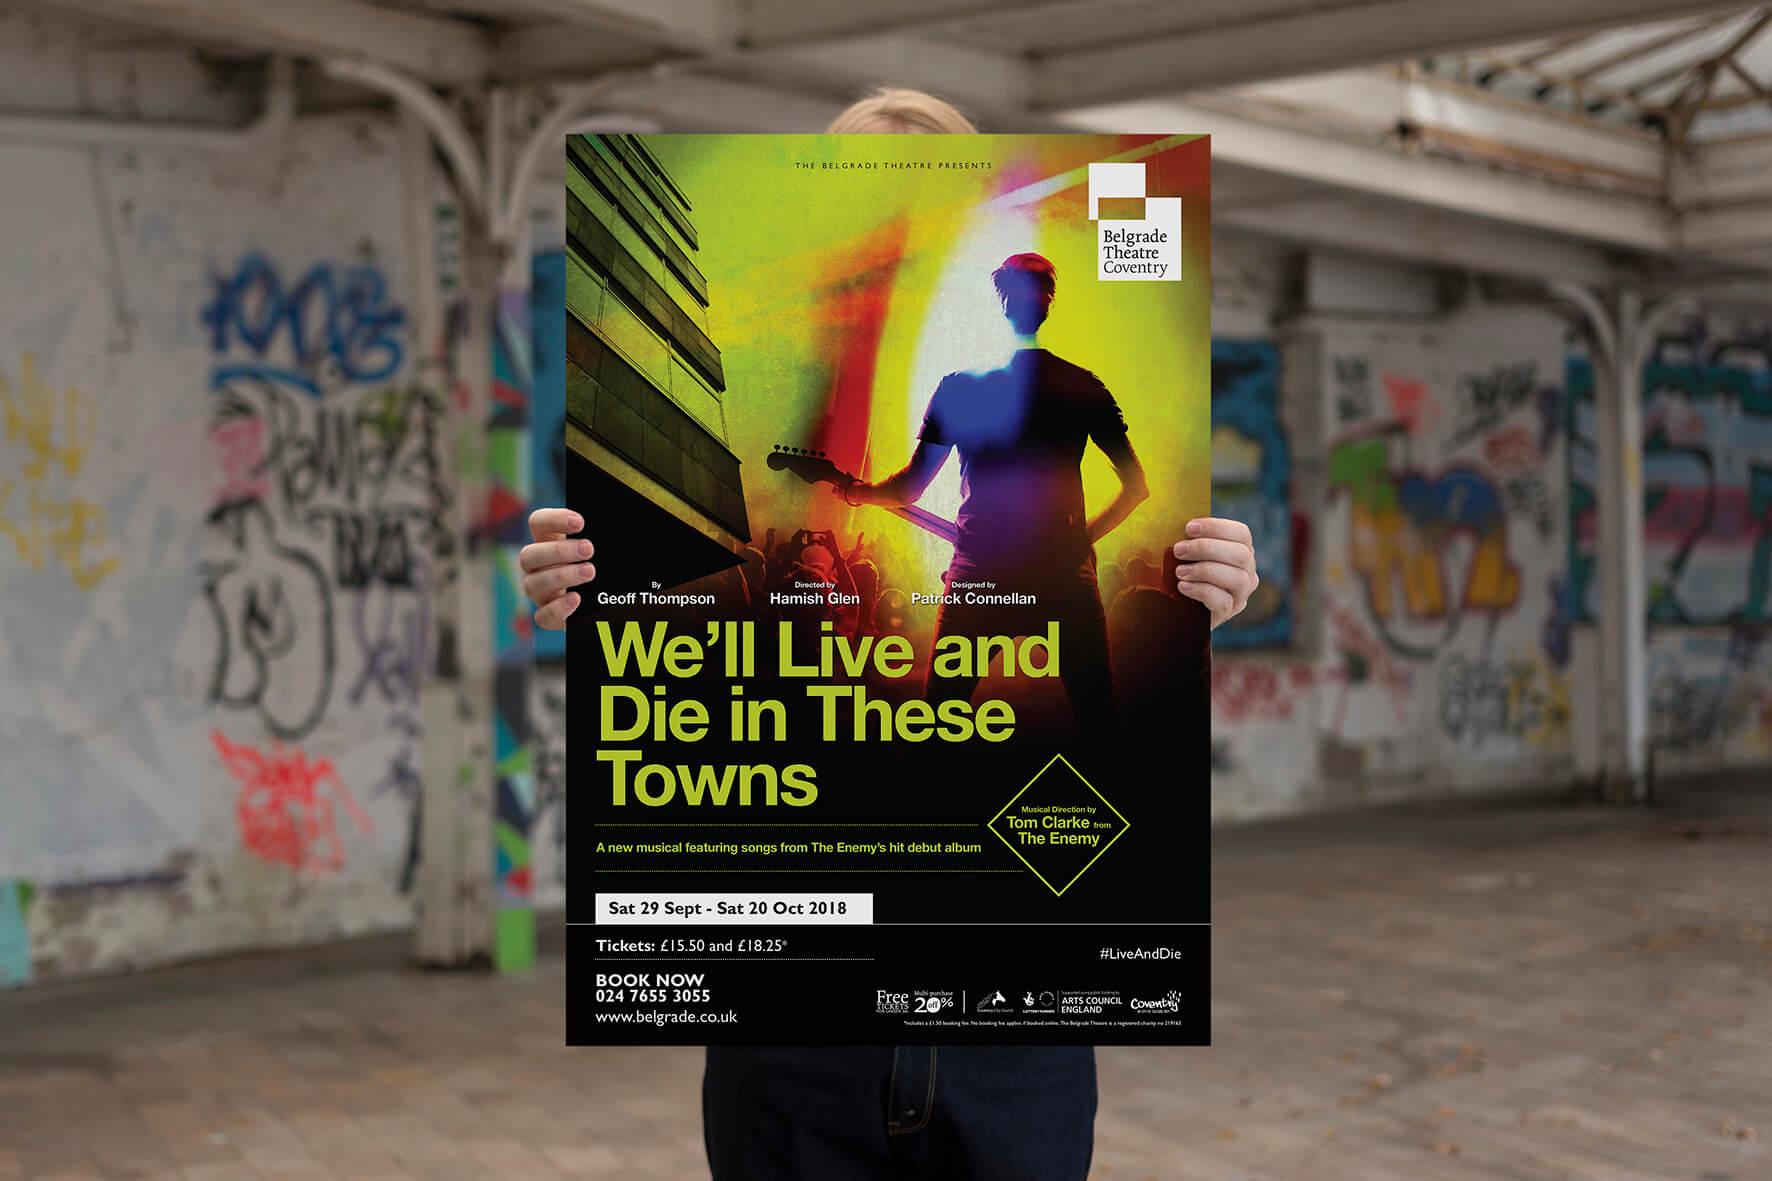 Live &Die Poster3.jpg